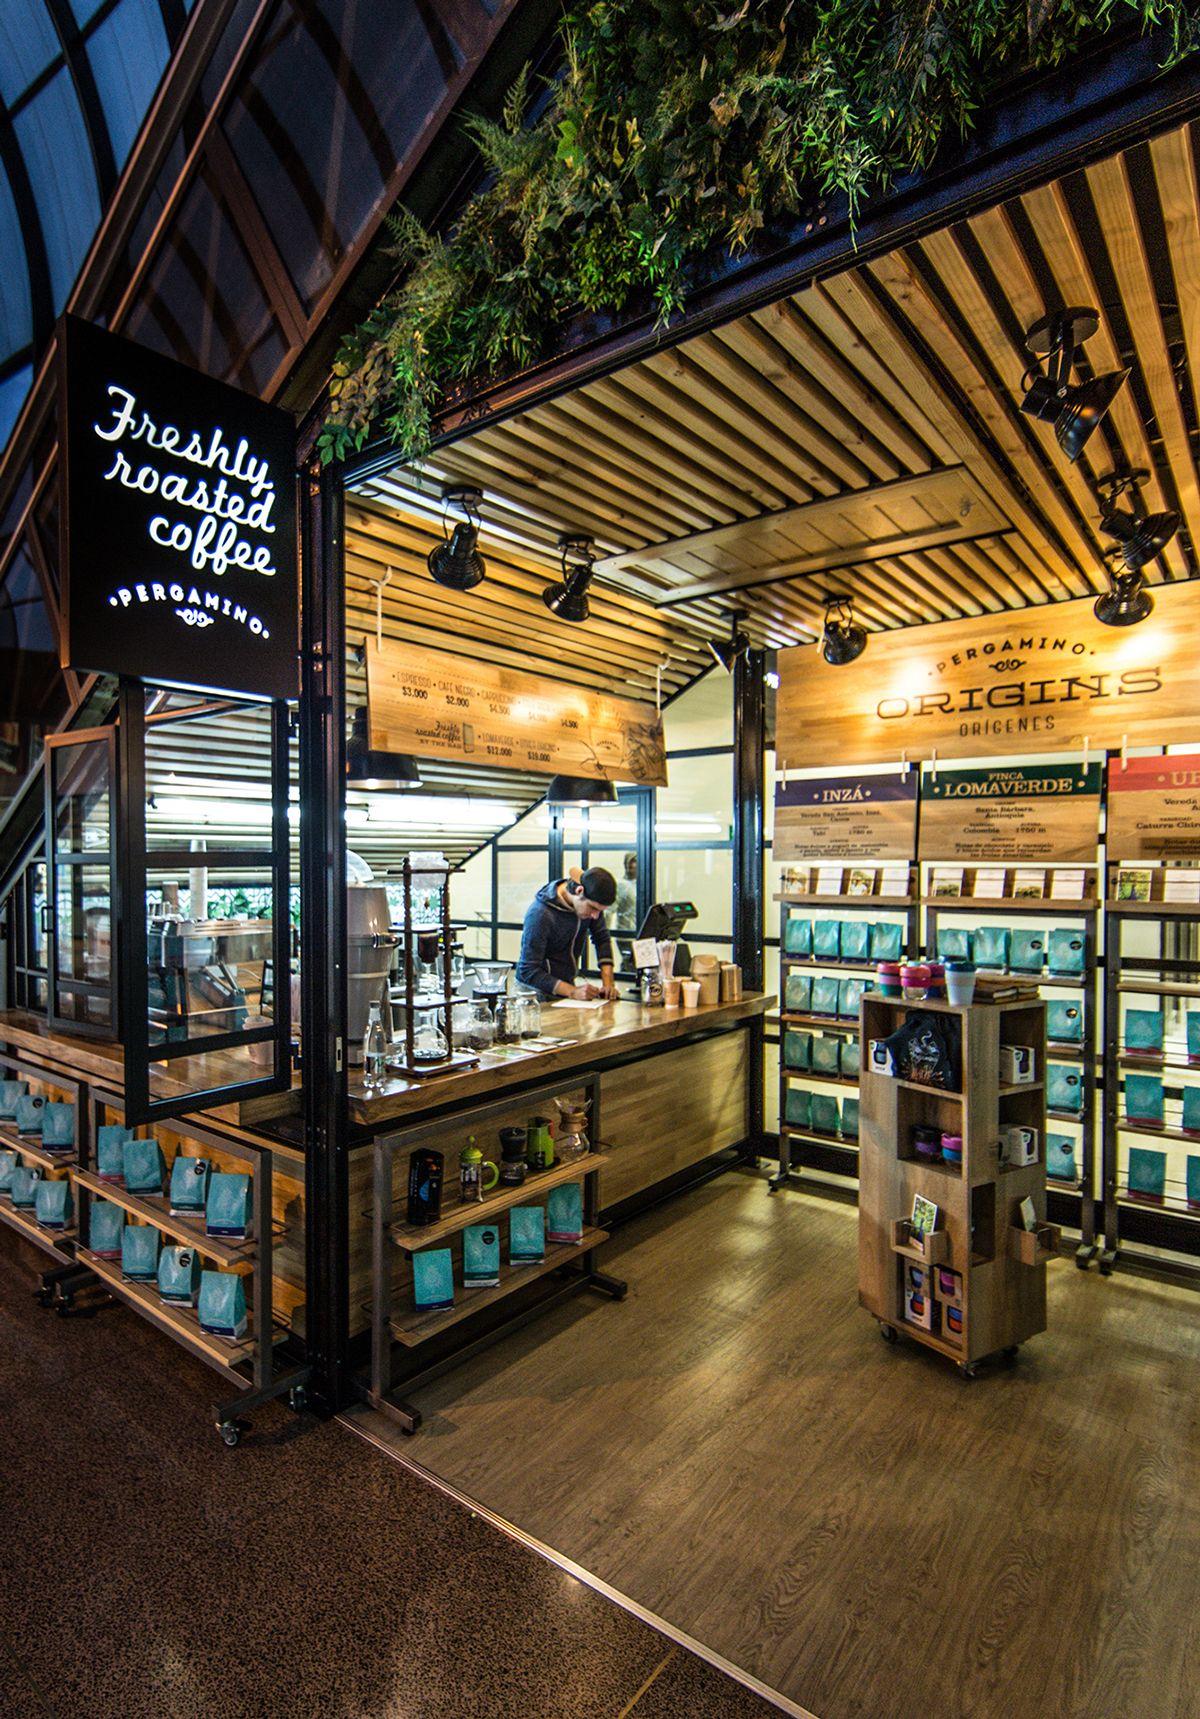 Caf pergamino casa13 tienda store plasmanodo for Tiendas de muebles para restaurantes